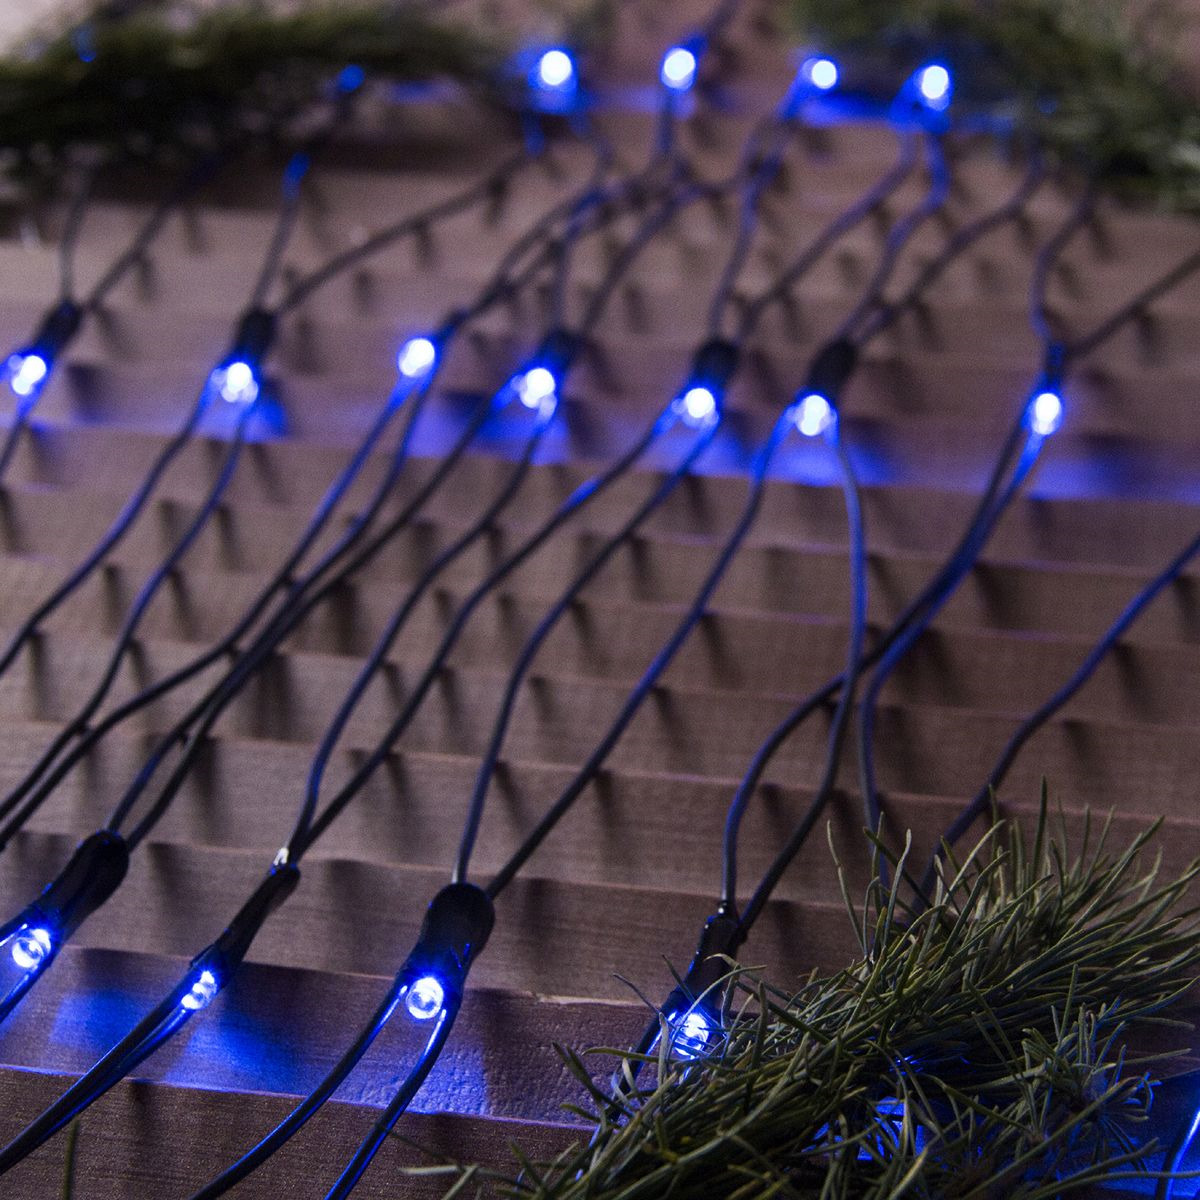 Гирлянда уличная Luazon Lighting Сеть, УМС, нить темная, цвет: синий, 384 LED, 2 х 3 м гирлянда уличная luazon lighting сеть умс нить прозрачная цвет разноцветный 192 led 2 х 1 5 м